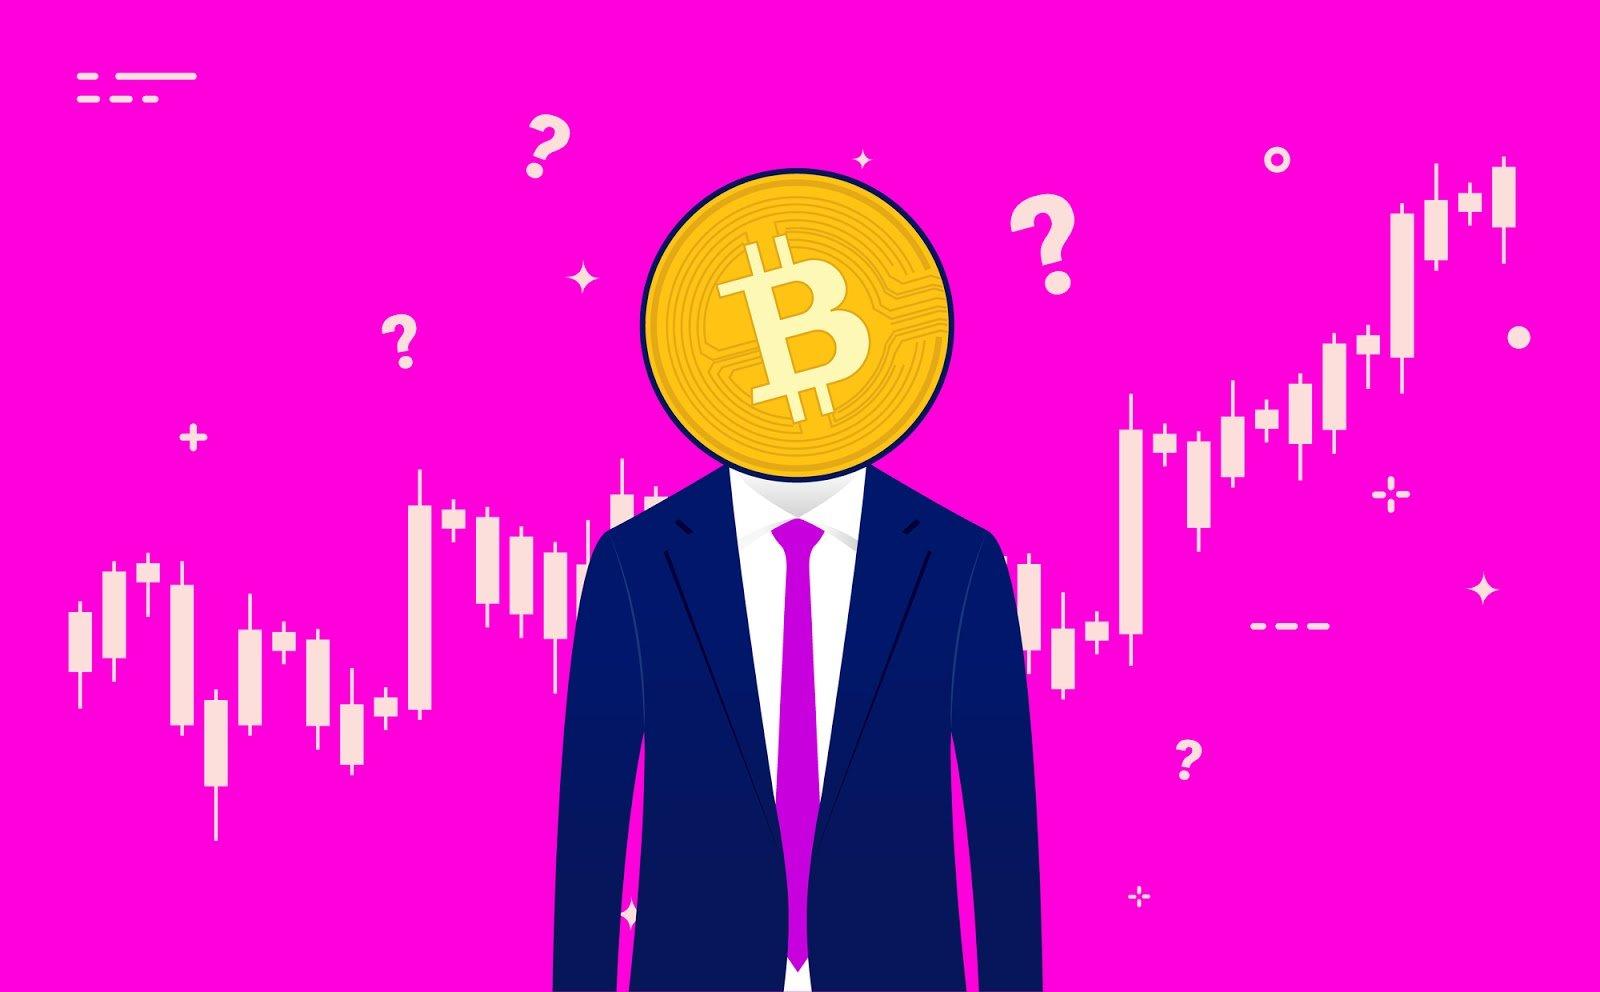 kako ro trguje bitcoinima vrhunski trgovac robot bitcoin 2021